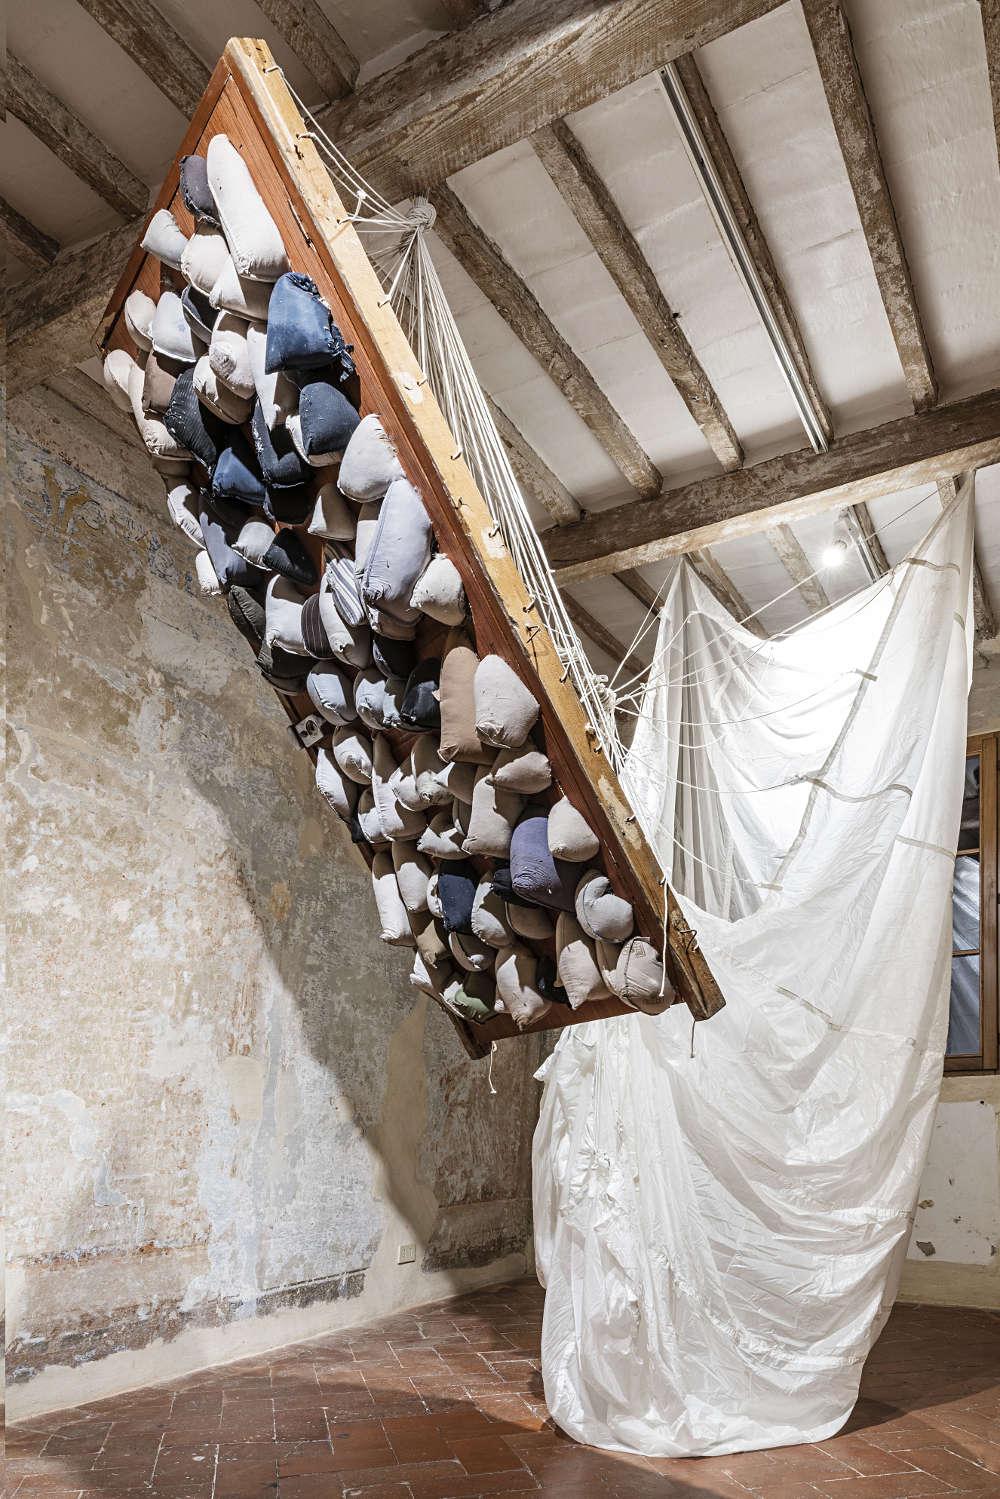 Galleria Continua San Gimignano Nari Ward 3